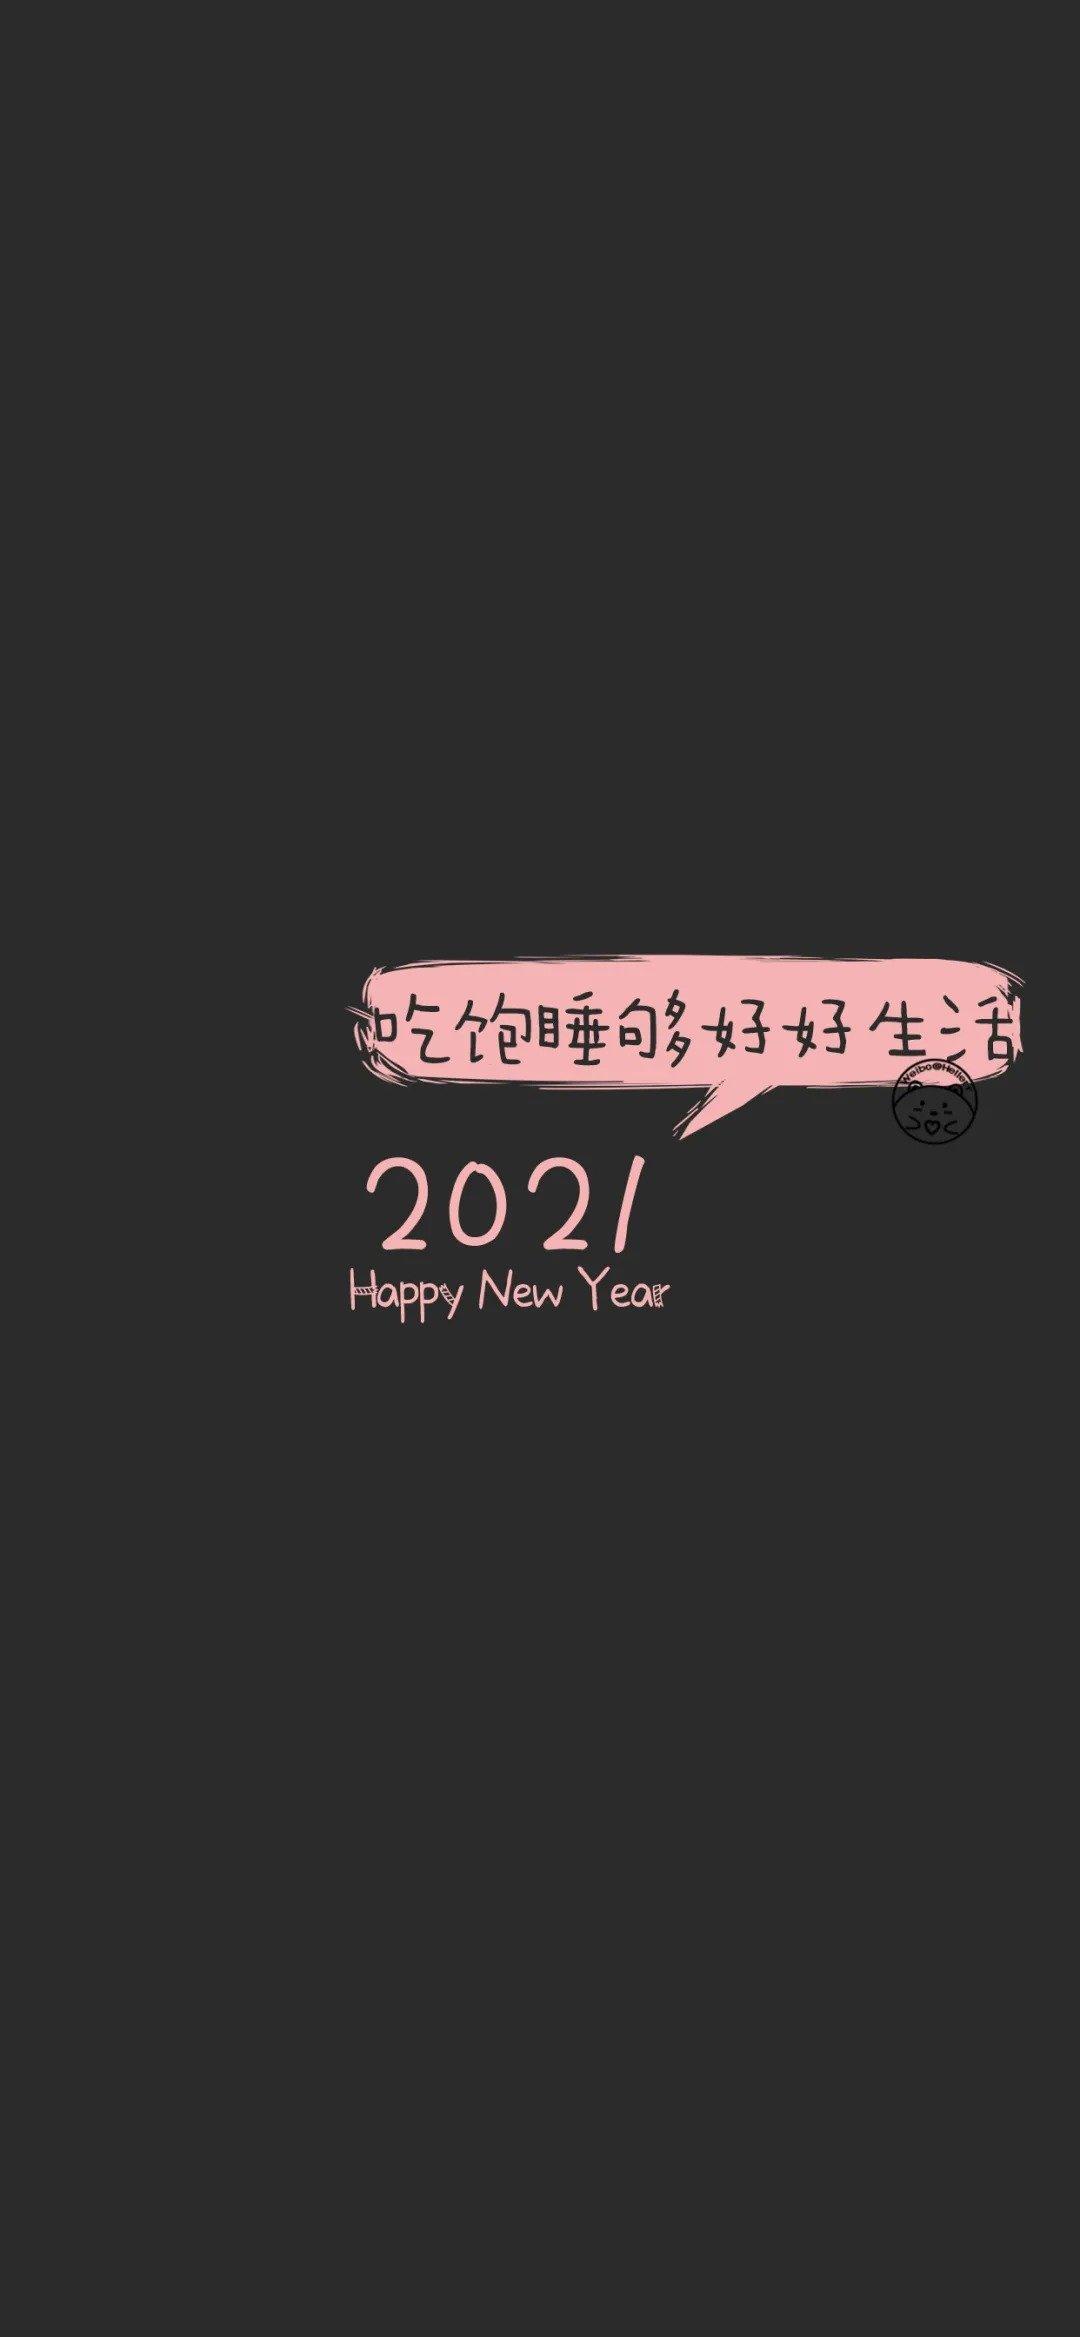 壁纸   2021手机壁纸插图35